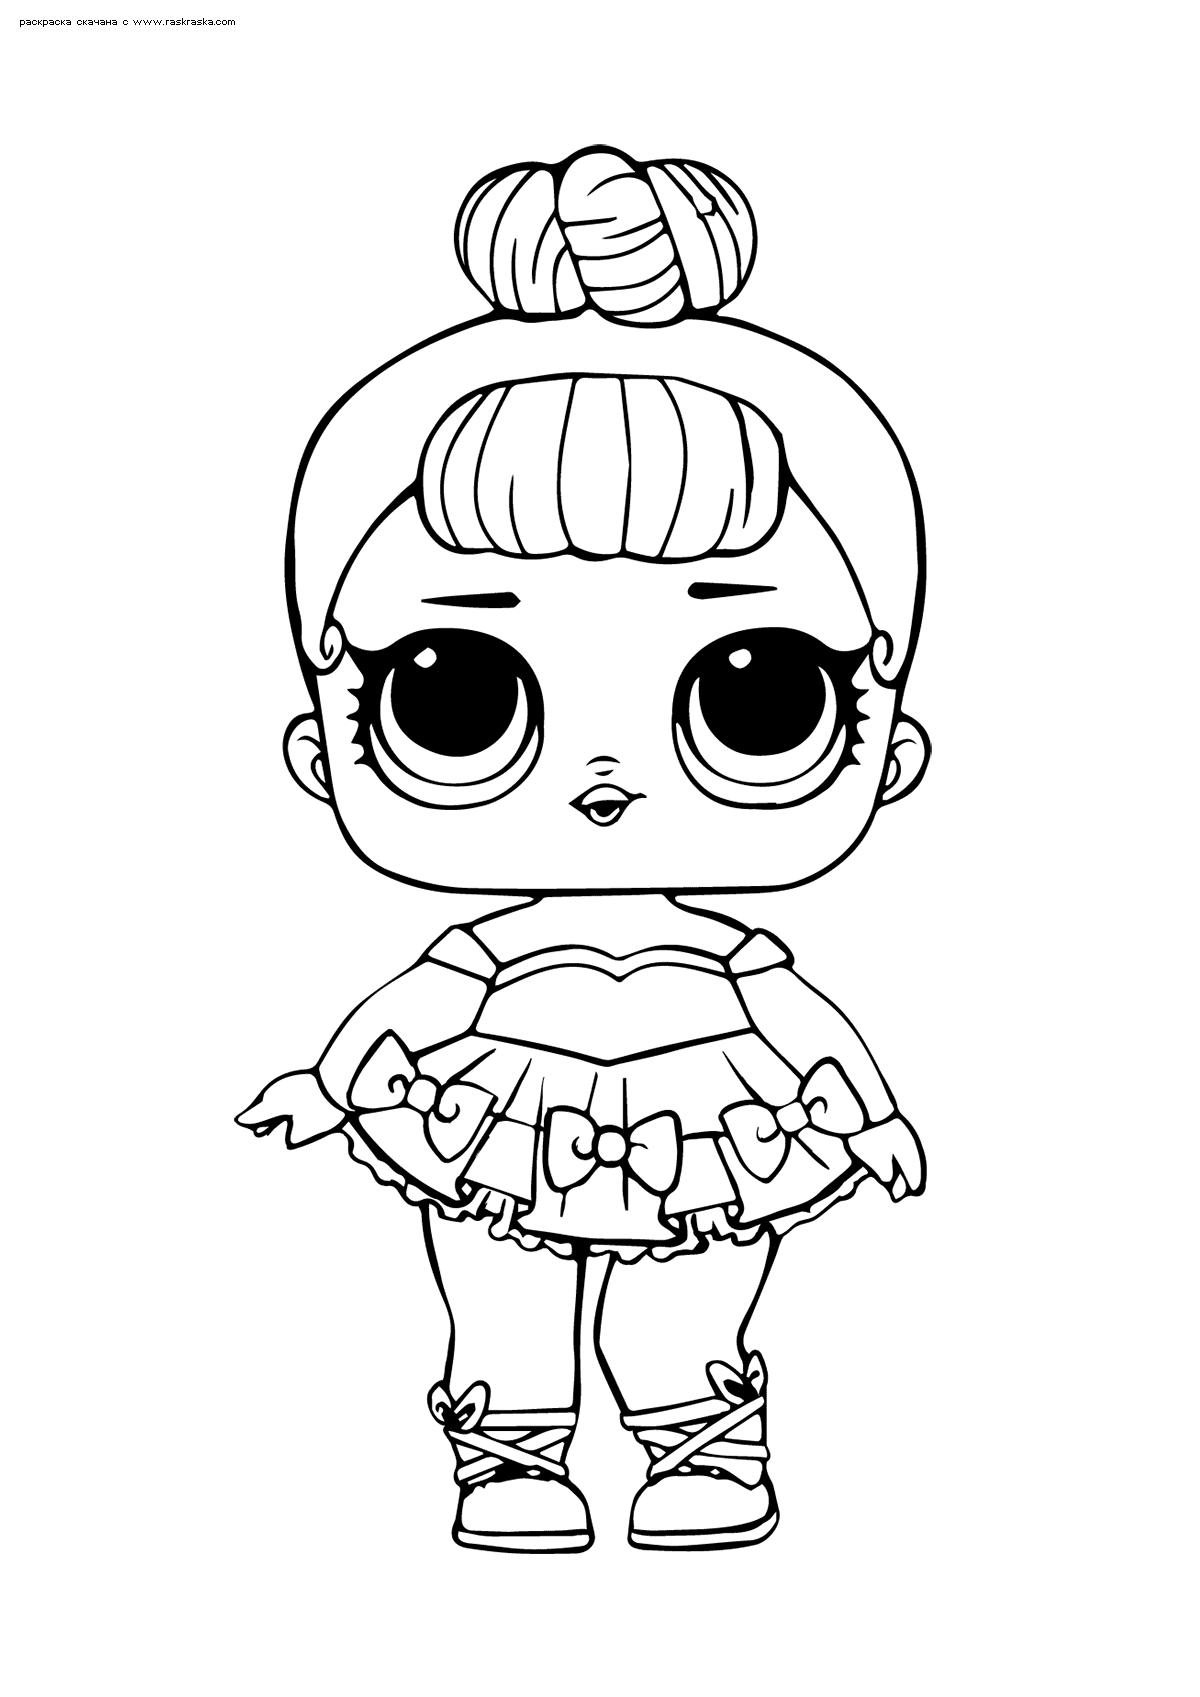 Раскраска ЛОЛ Miss Baby Glitter (Мисс Бэби) серия Блестящие. Раскраска лол